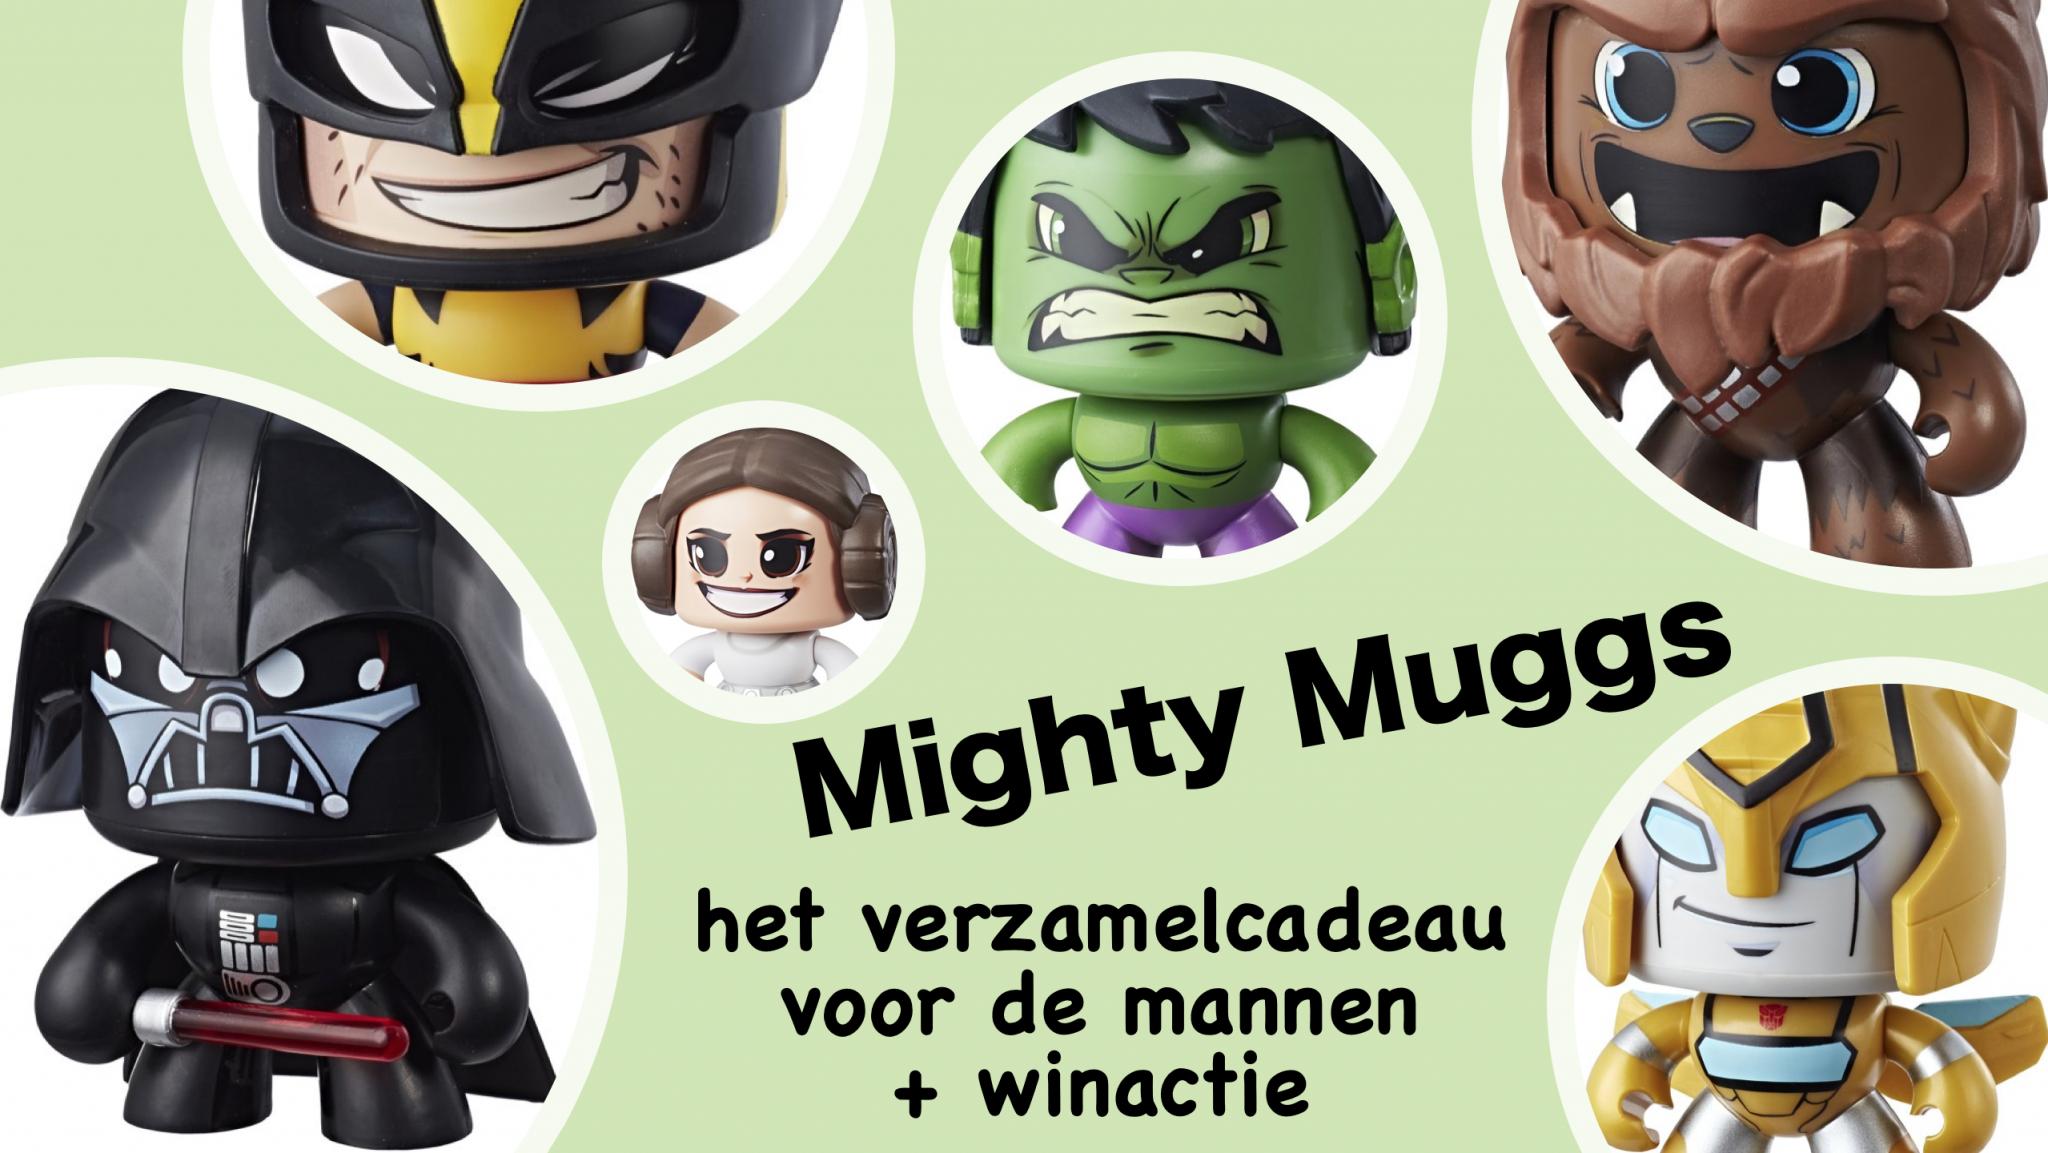 Mighty Muggs - het verzamelcadeau voor de mannen + winactie